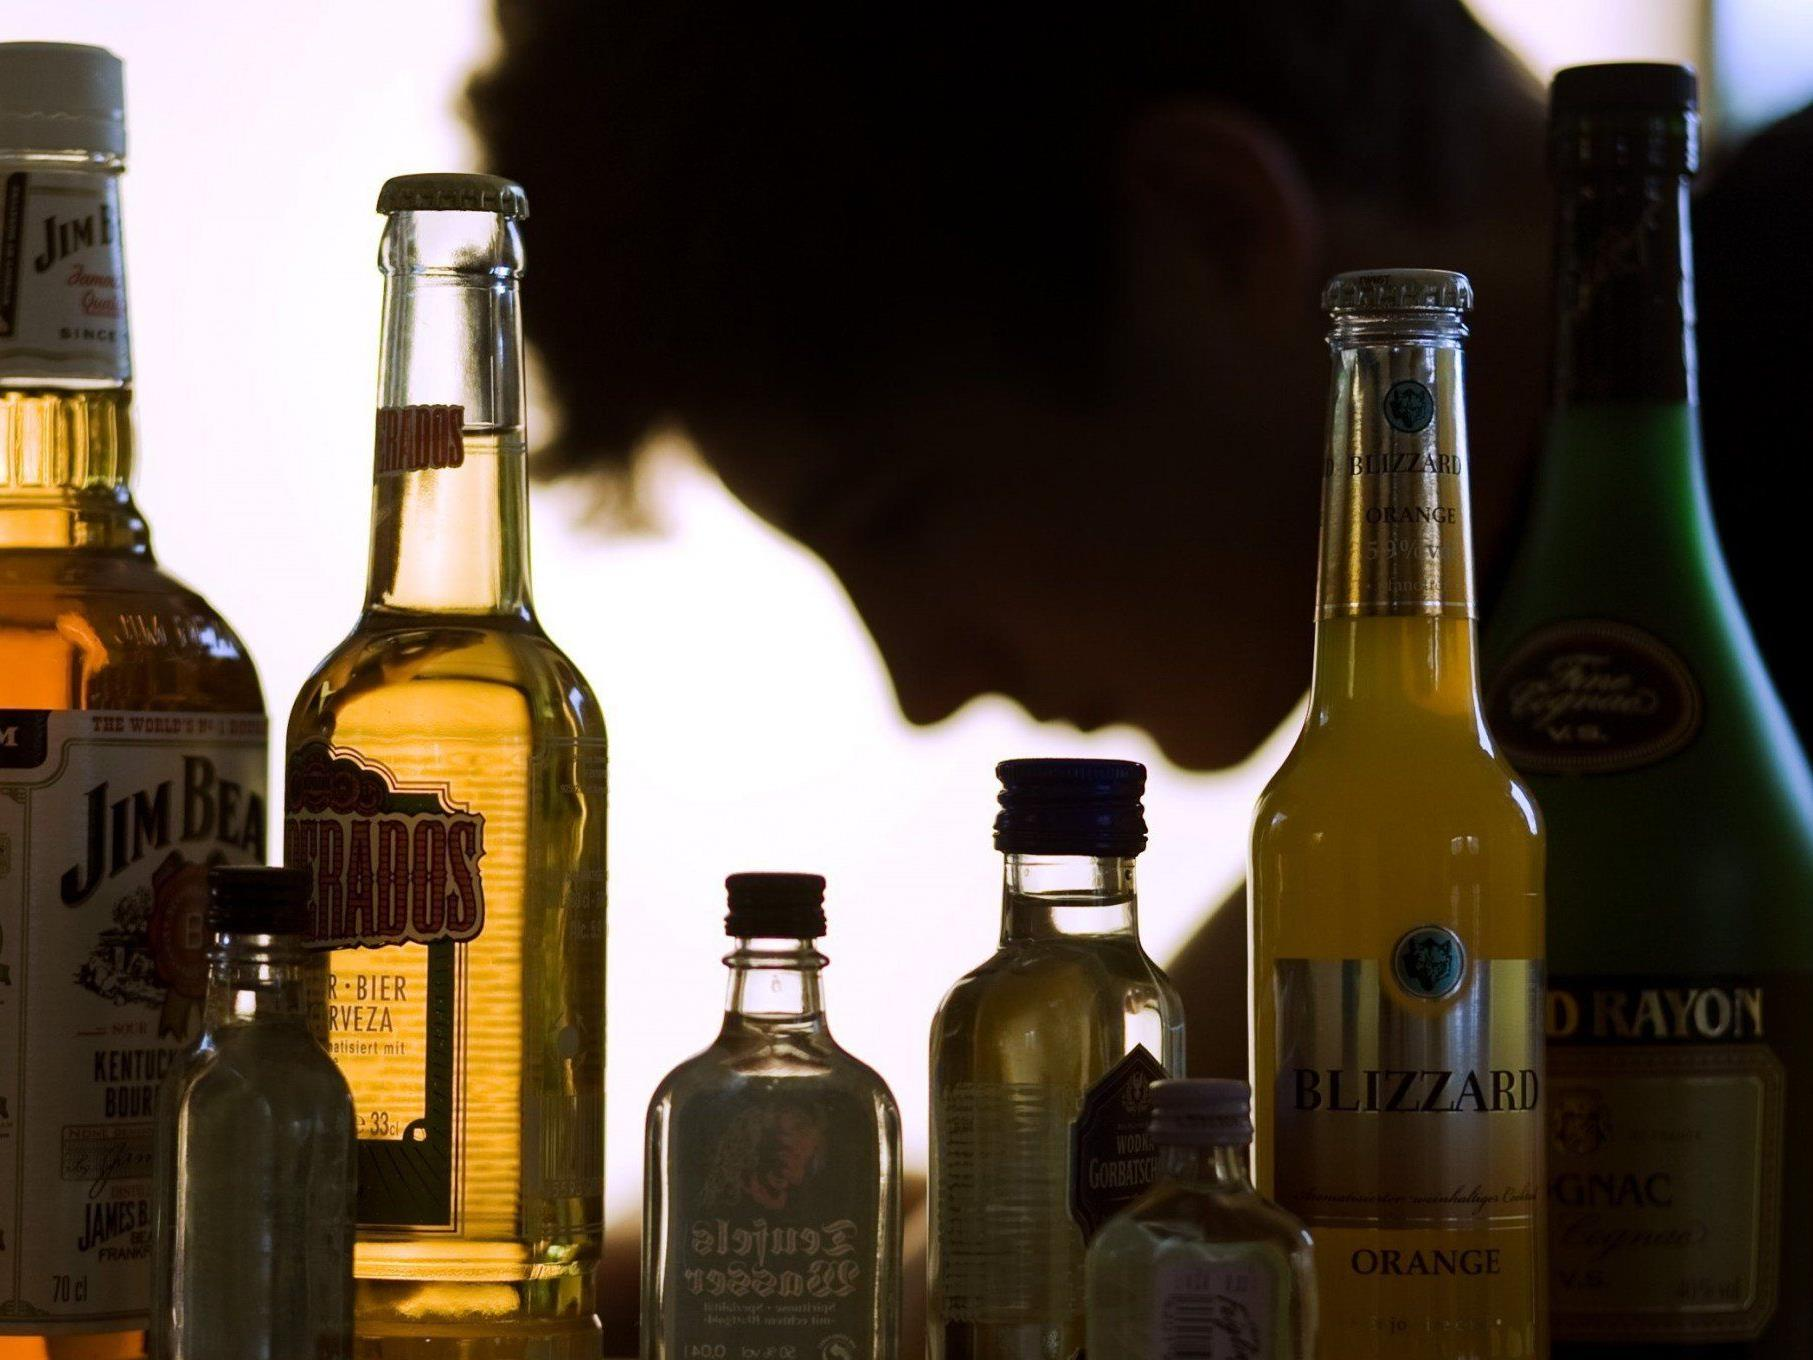 Aktuelle Sucht- und Drogenpolitik in Wien: Mehr Angebote für Alkoholkranke